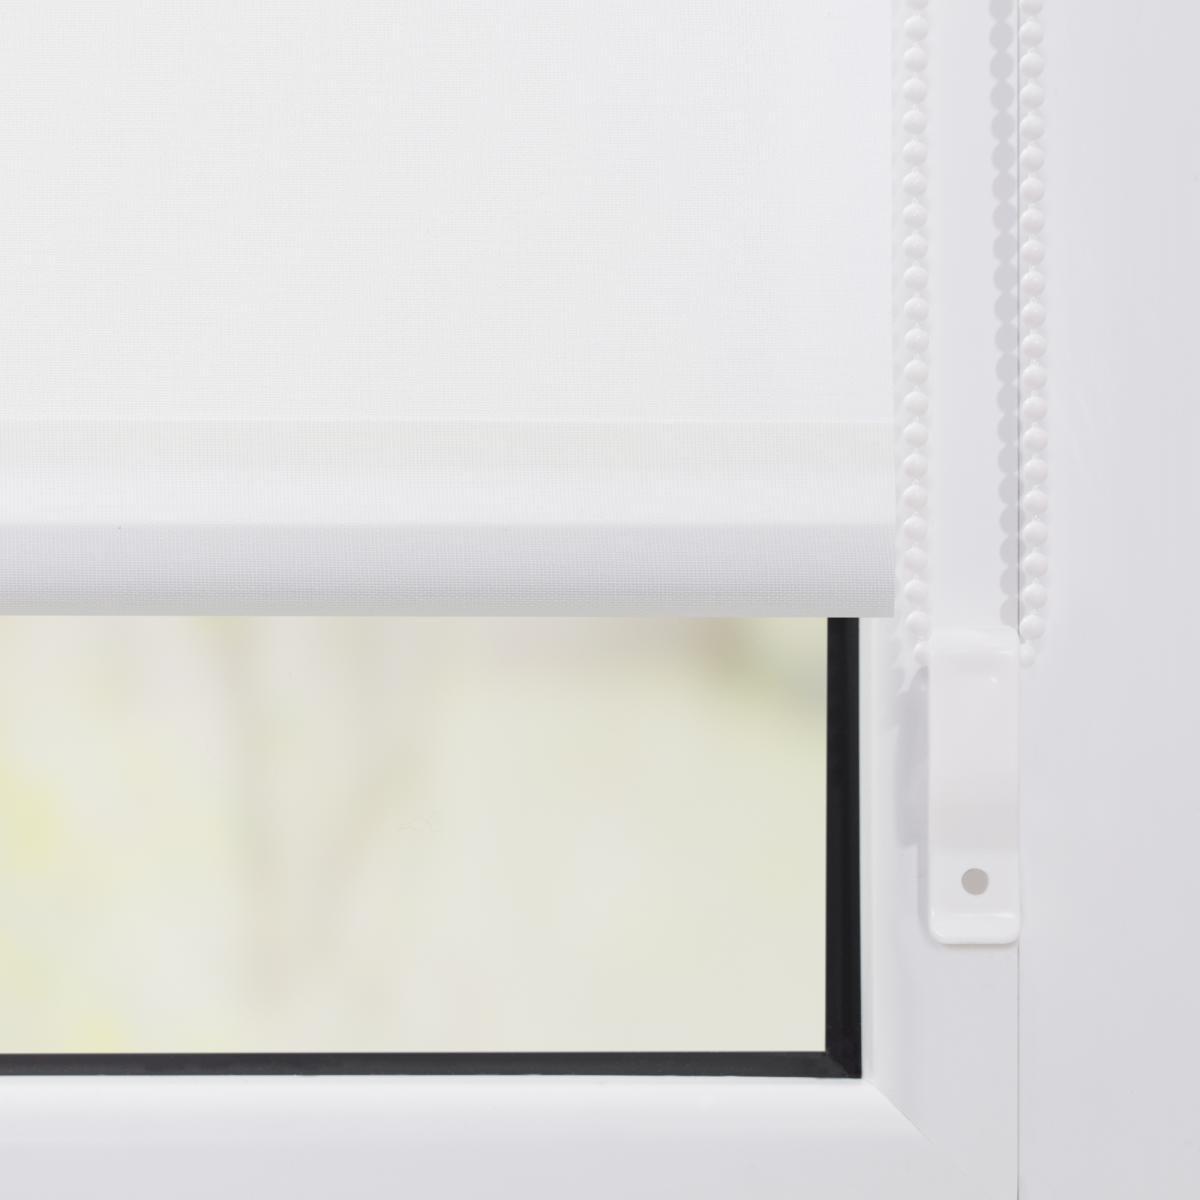 Bild 4 von Lichtblick Rollo Klemmfix, ohne Bohren, blickdicht, Okko - Weiß Türkis, 120 x 150 cm (B x L)